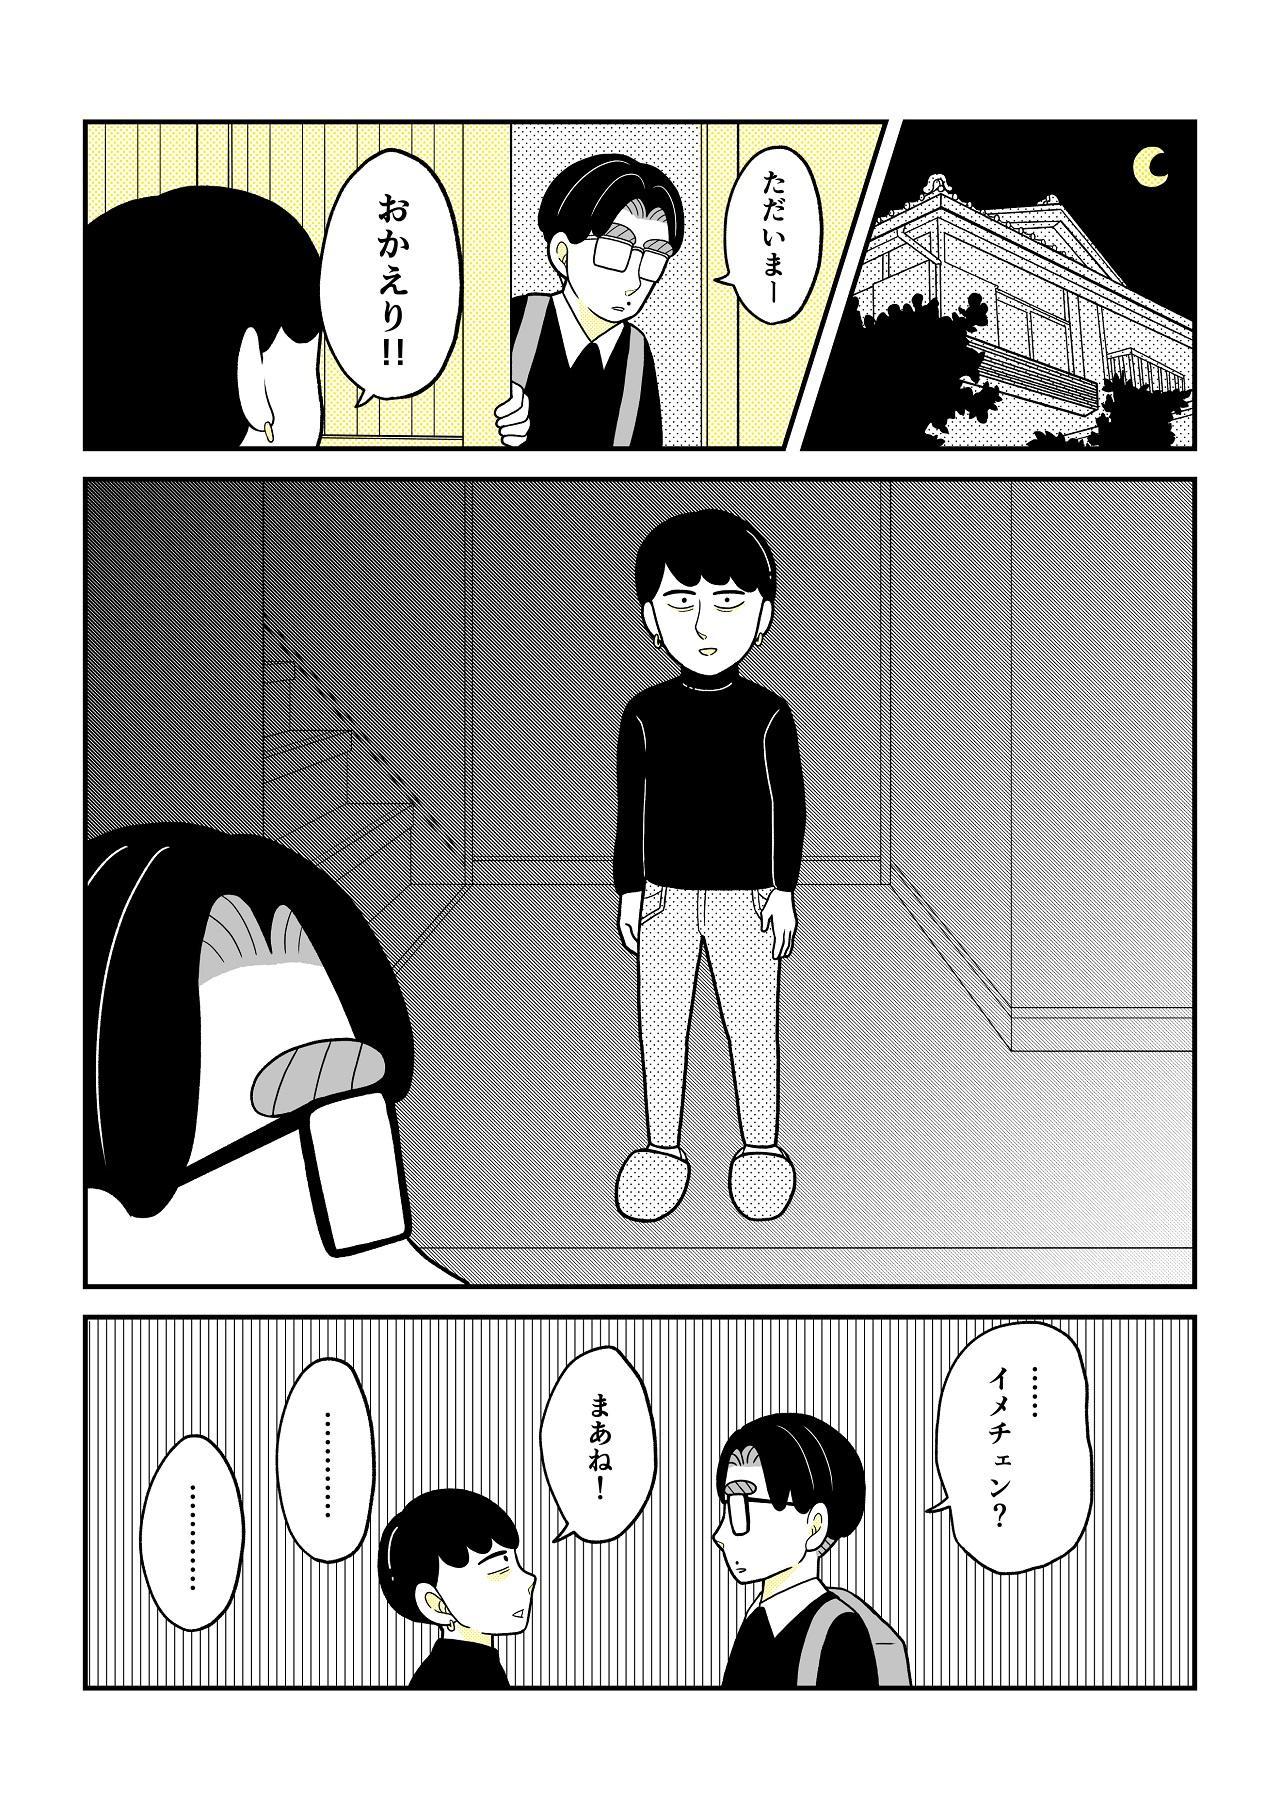 03_07_1280.jpg